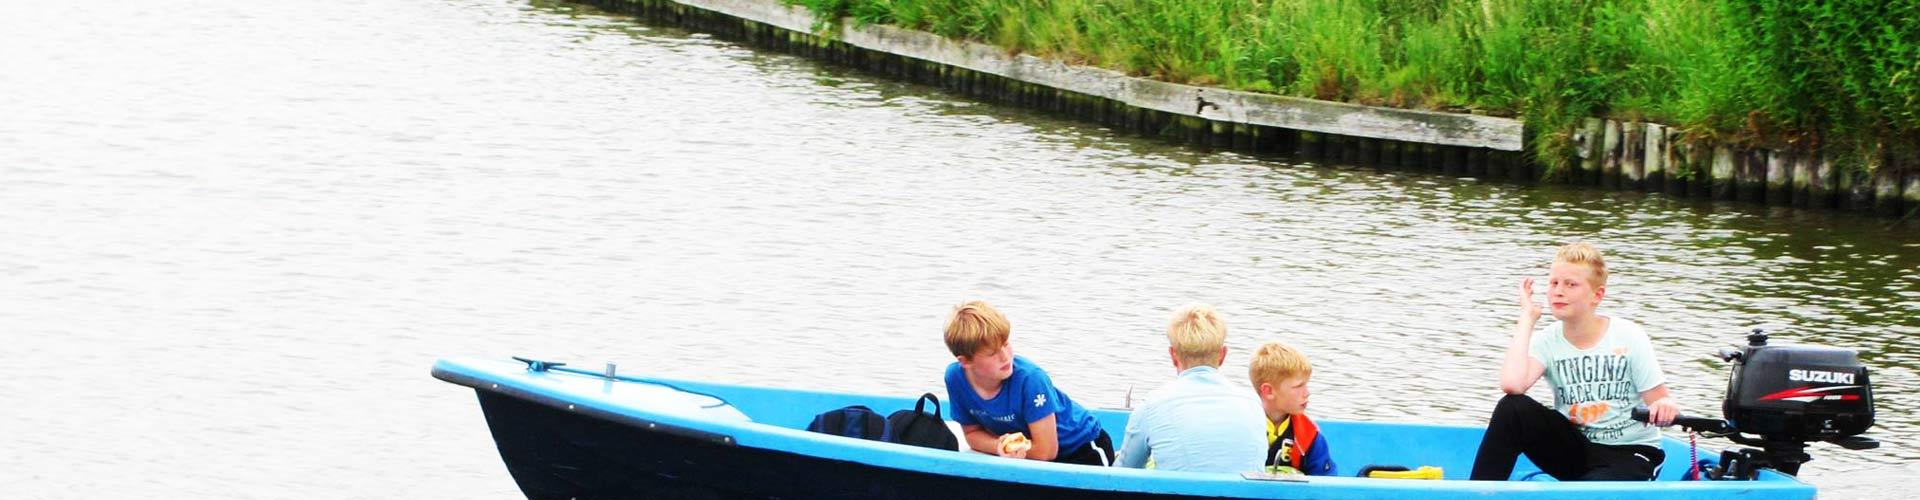 blikvaart-mini-camping-groepsactiviteiten-motorboot-elfstedenroute-verhuur-header-01